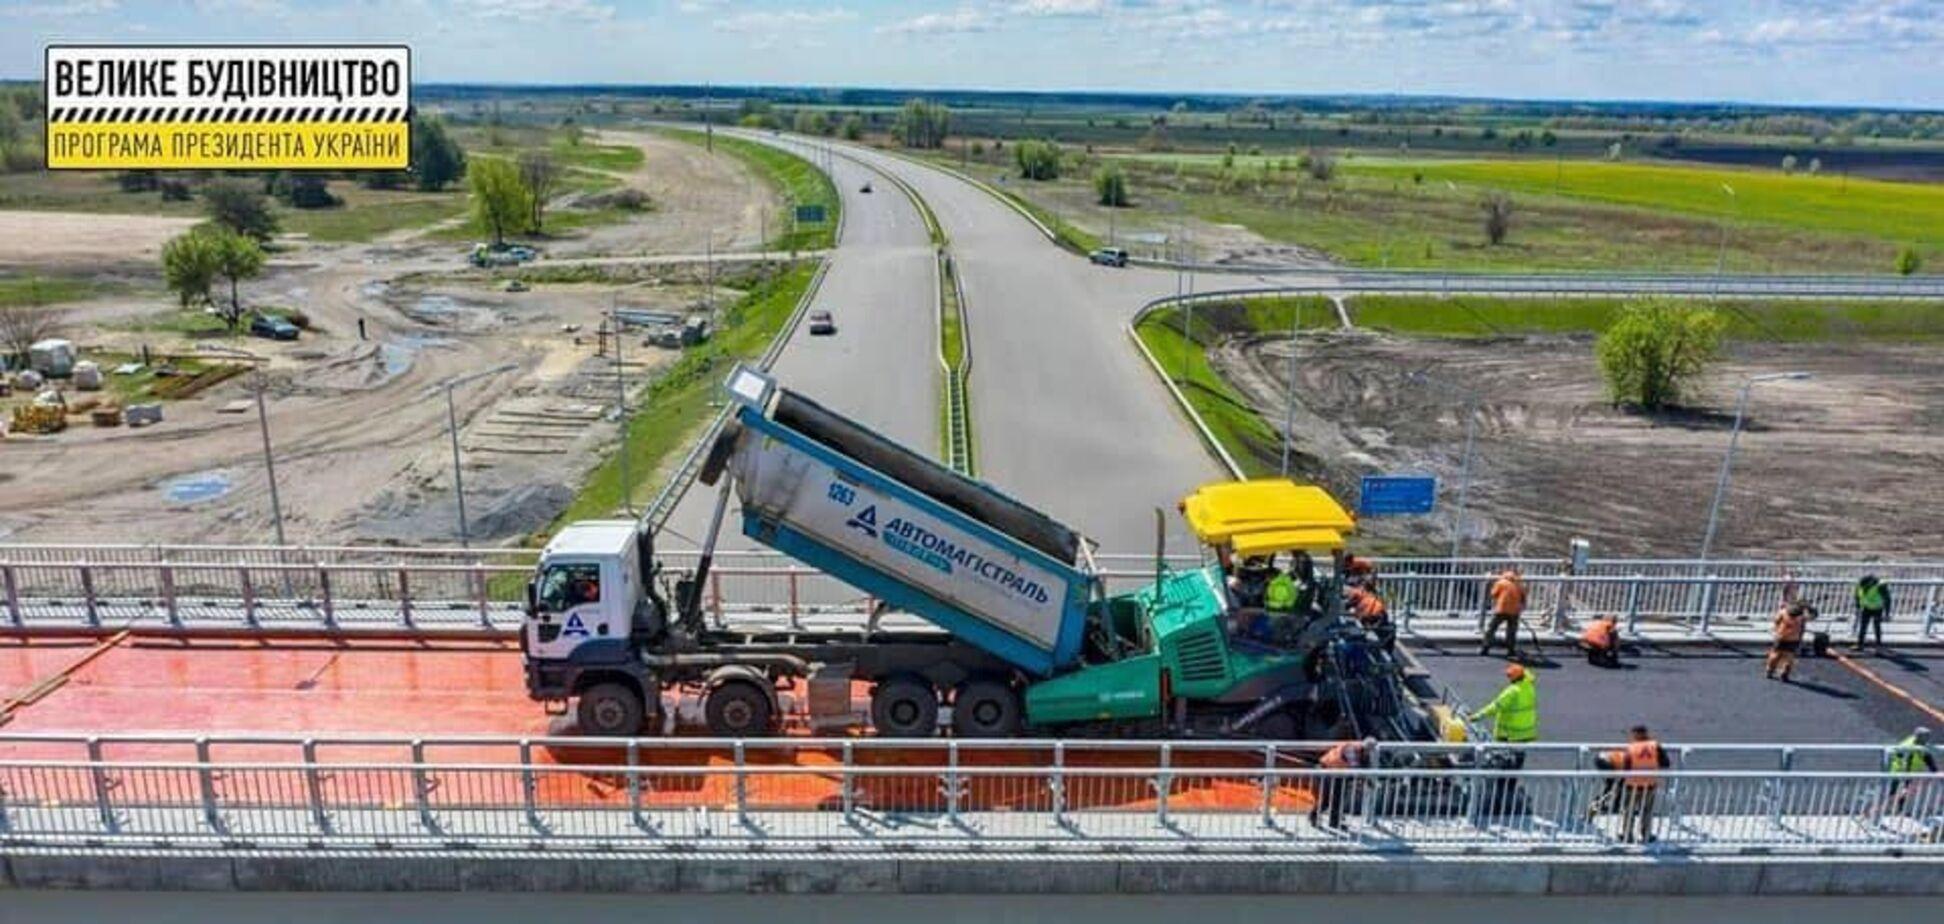 Компания 'Автомагистраль-Юг' завершает строительство двух двухуровневых транспортных развязок европейского уровня